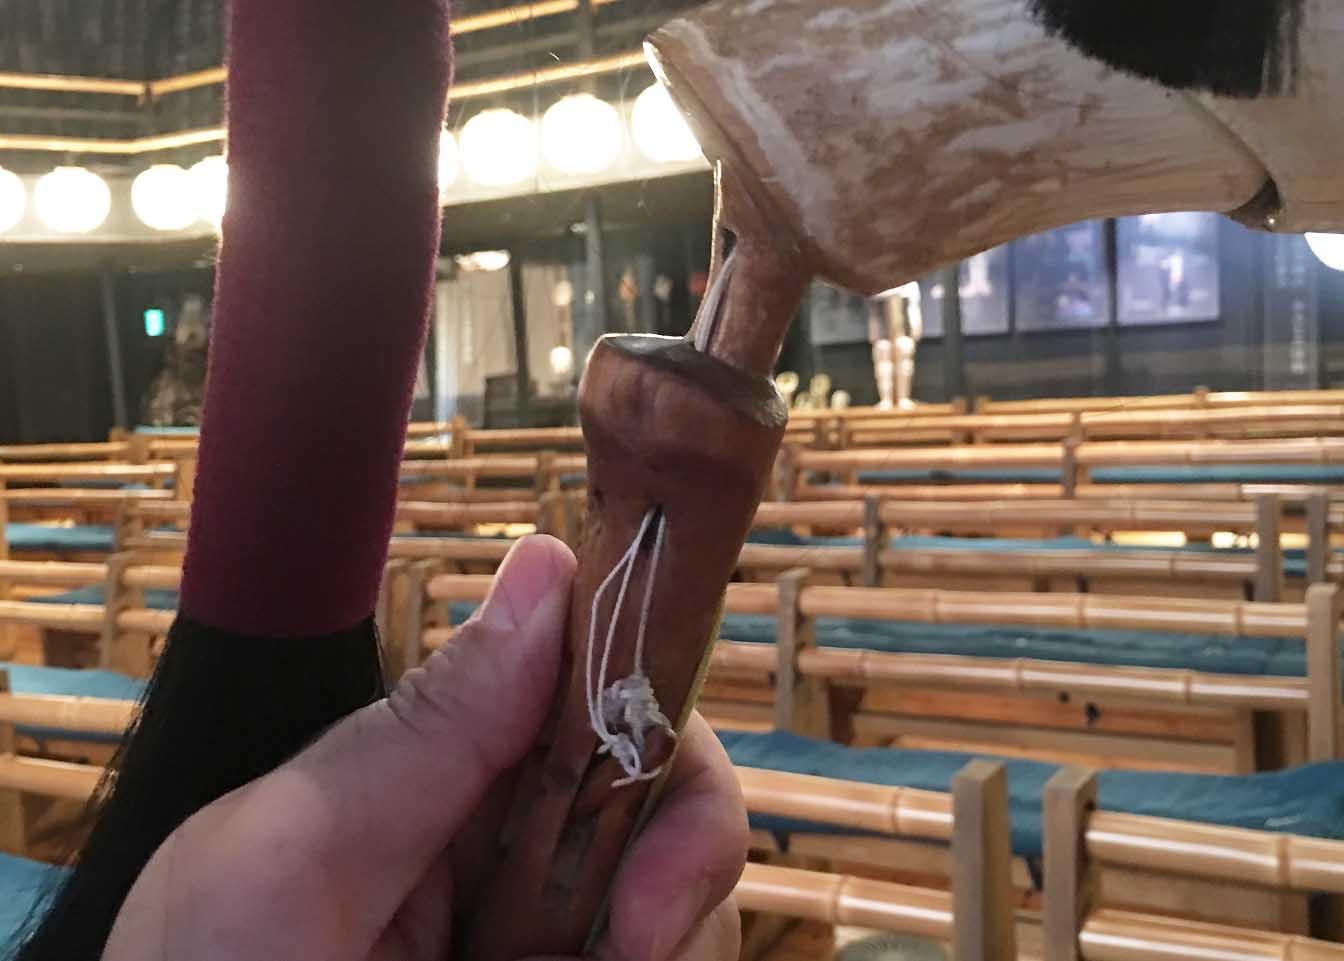 3つの仕掛けの紐が1つにまとまめて親指で引けるようになっている「ガブ」では、3つの仕掛けの糸が1つにまとまめられています。指一本で引けるのでツノと玉と口を一瞬にして変えられるのですね